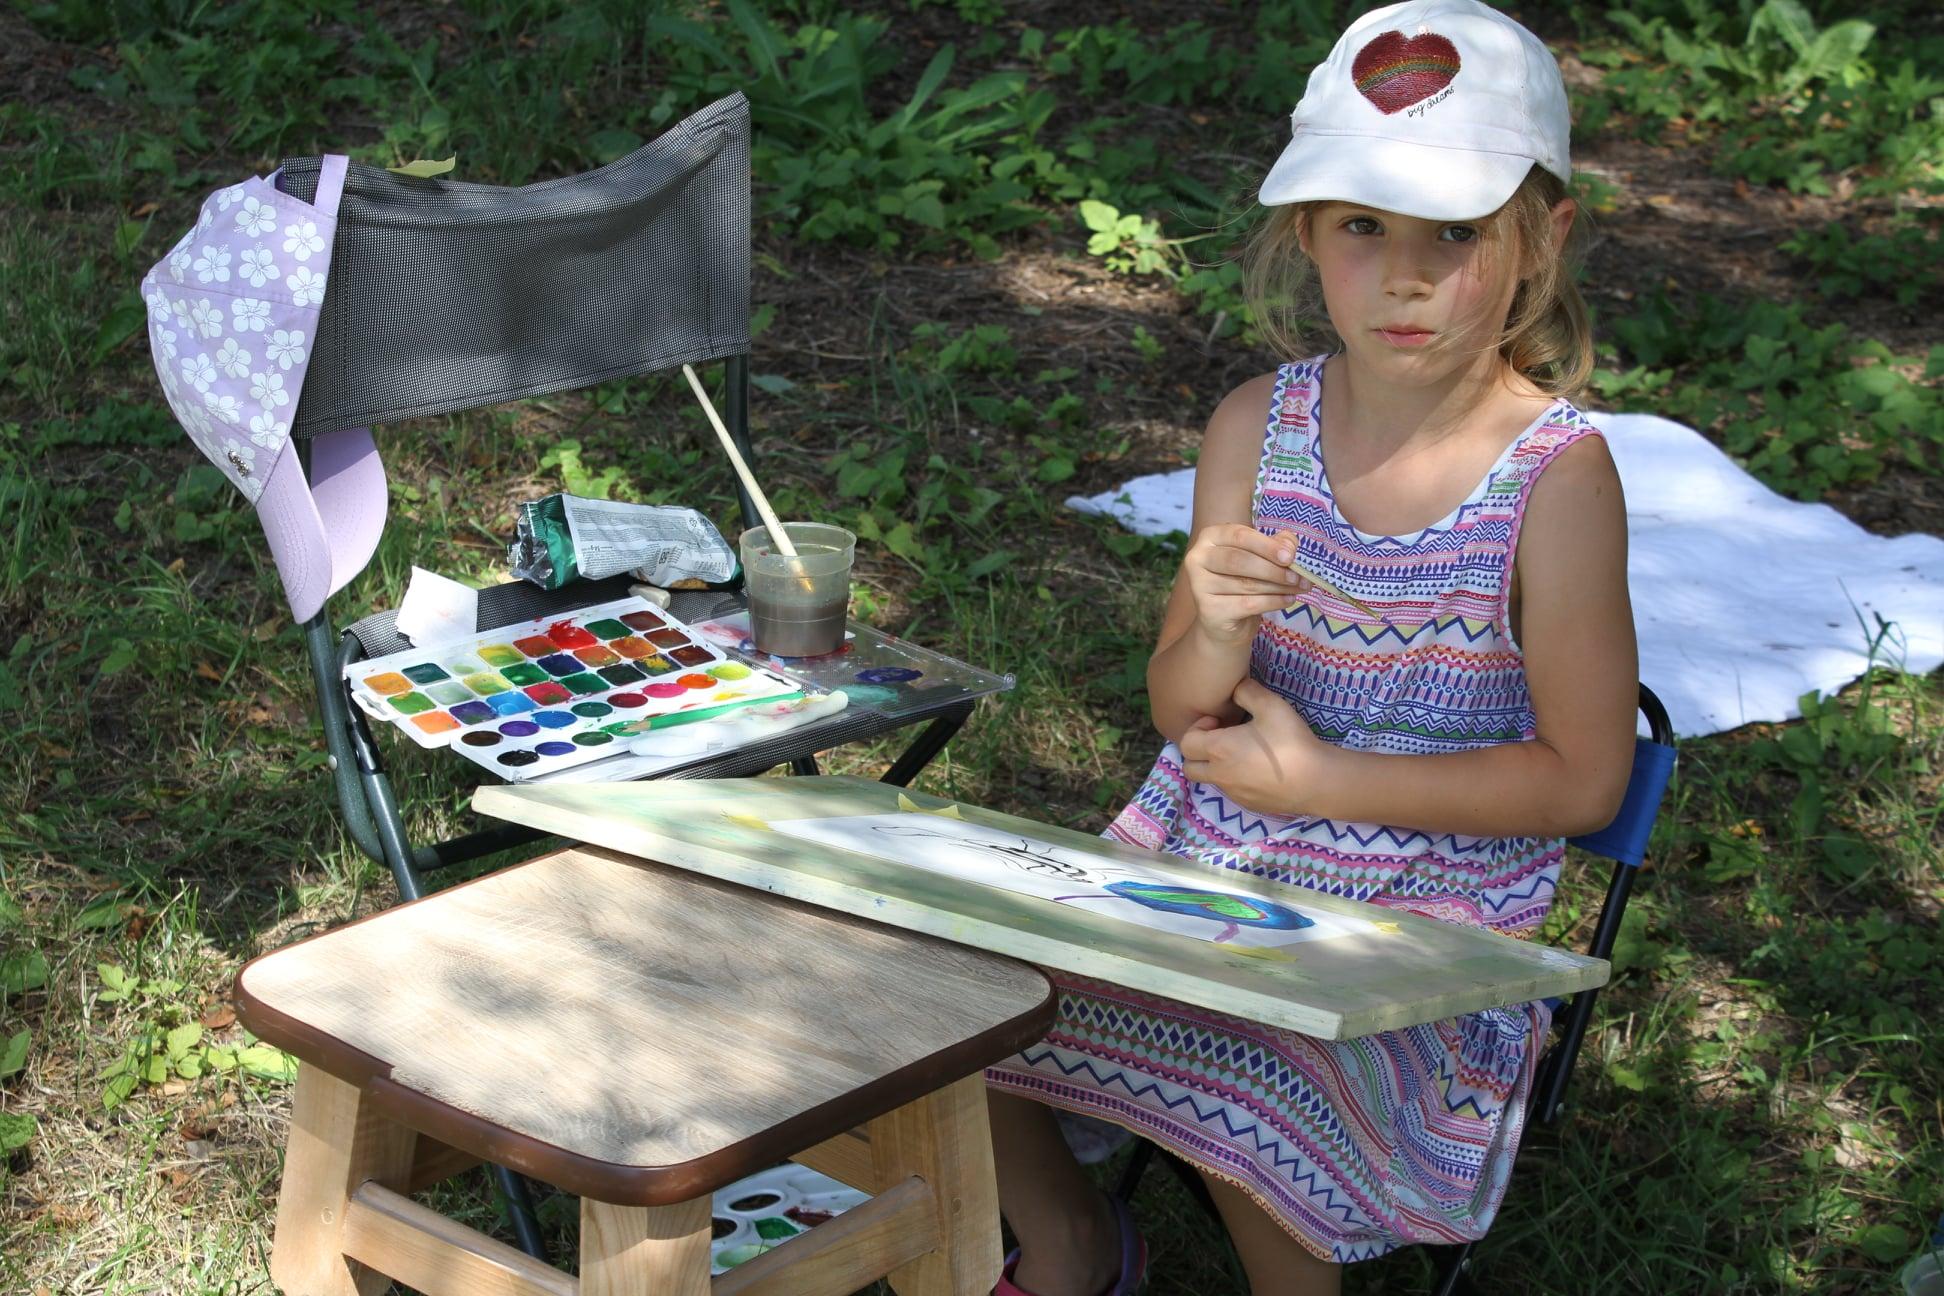 І дорослі, і малі: пленер художників на Васильківщині -  - 107555050 738409423576103 7625336401283810881 o